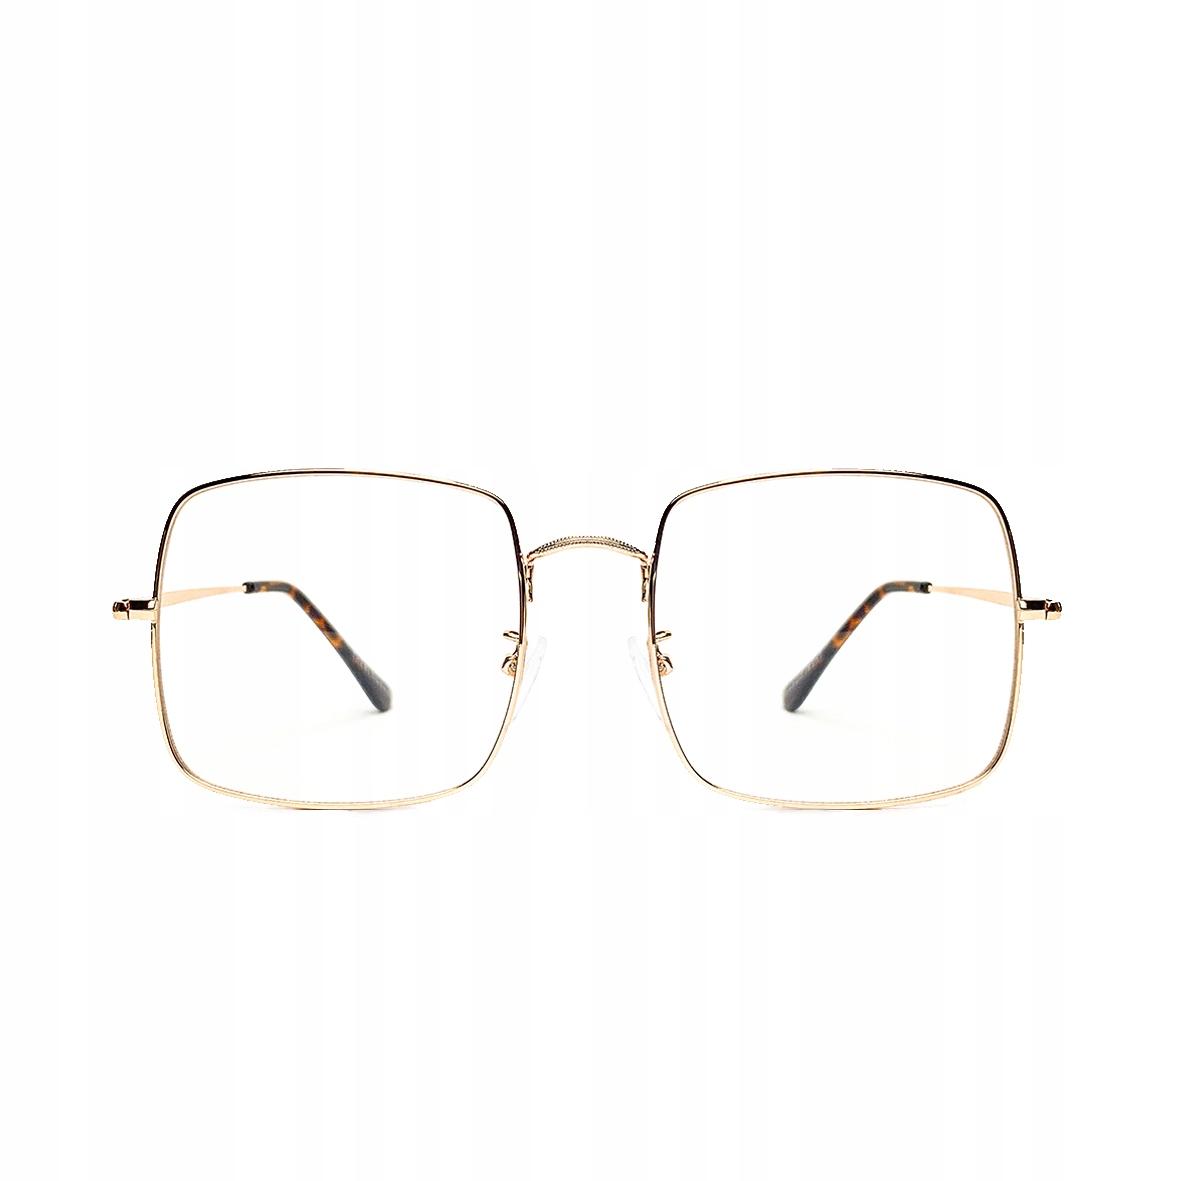 Gripové okuliare Vintage Retro Square Big